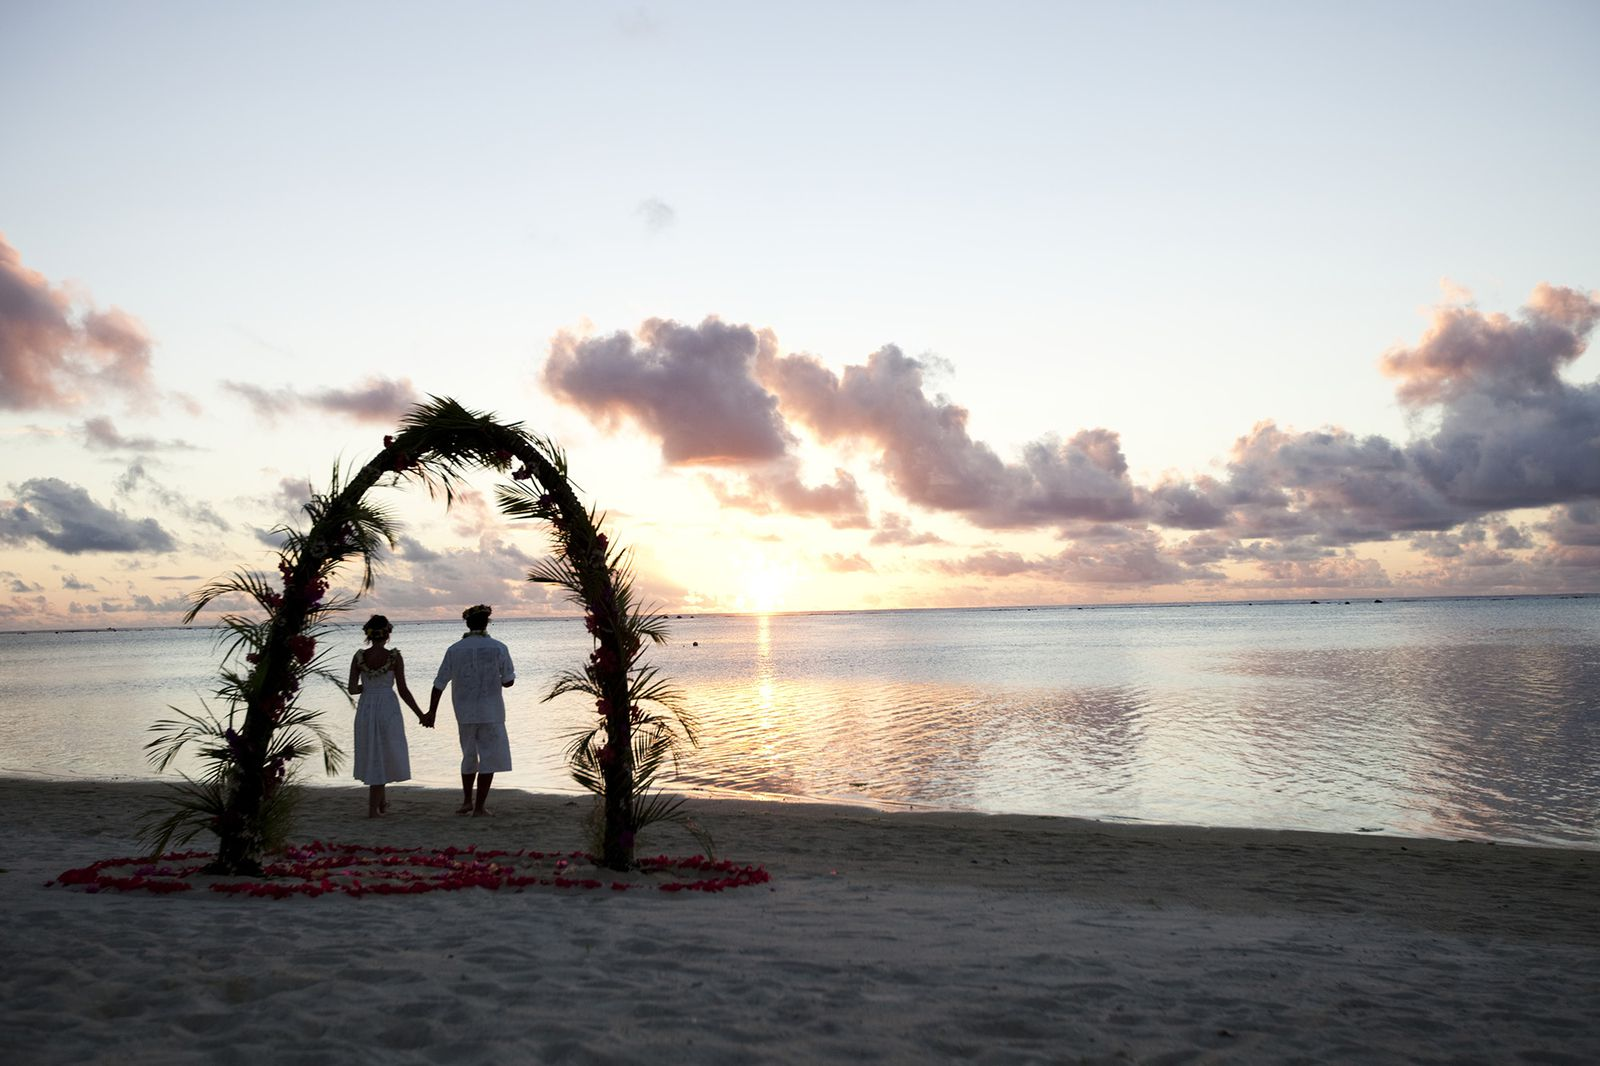 そうそう。クック諸島は、ハネムーナーの聖地でもあります。島の小さな教会で2人だけの結婚式をあげて、ビーチでロマンチックなフォトシューティング、なんて憧れちゃいますよね。